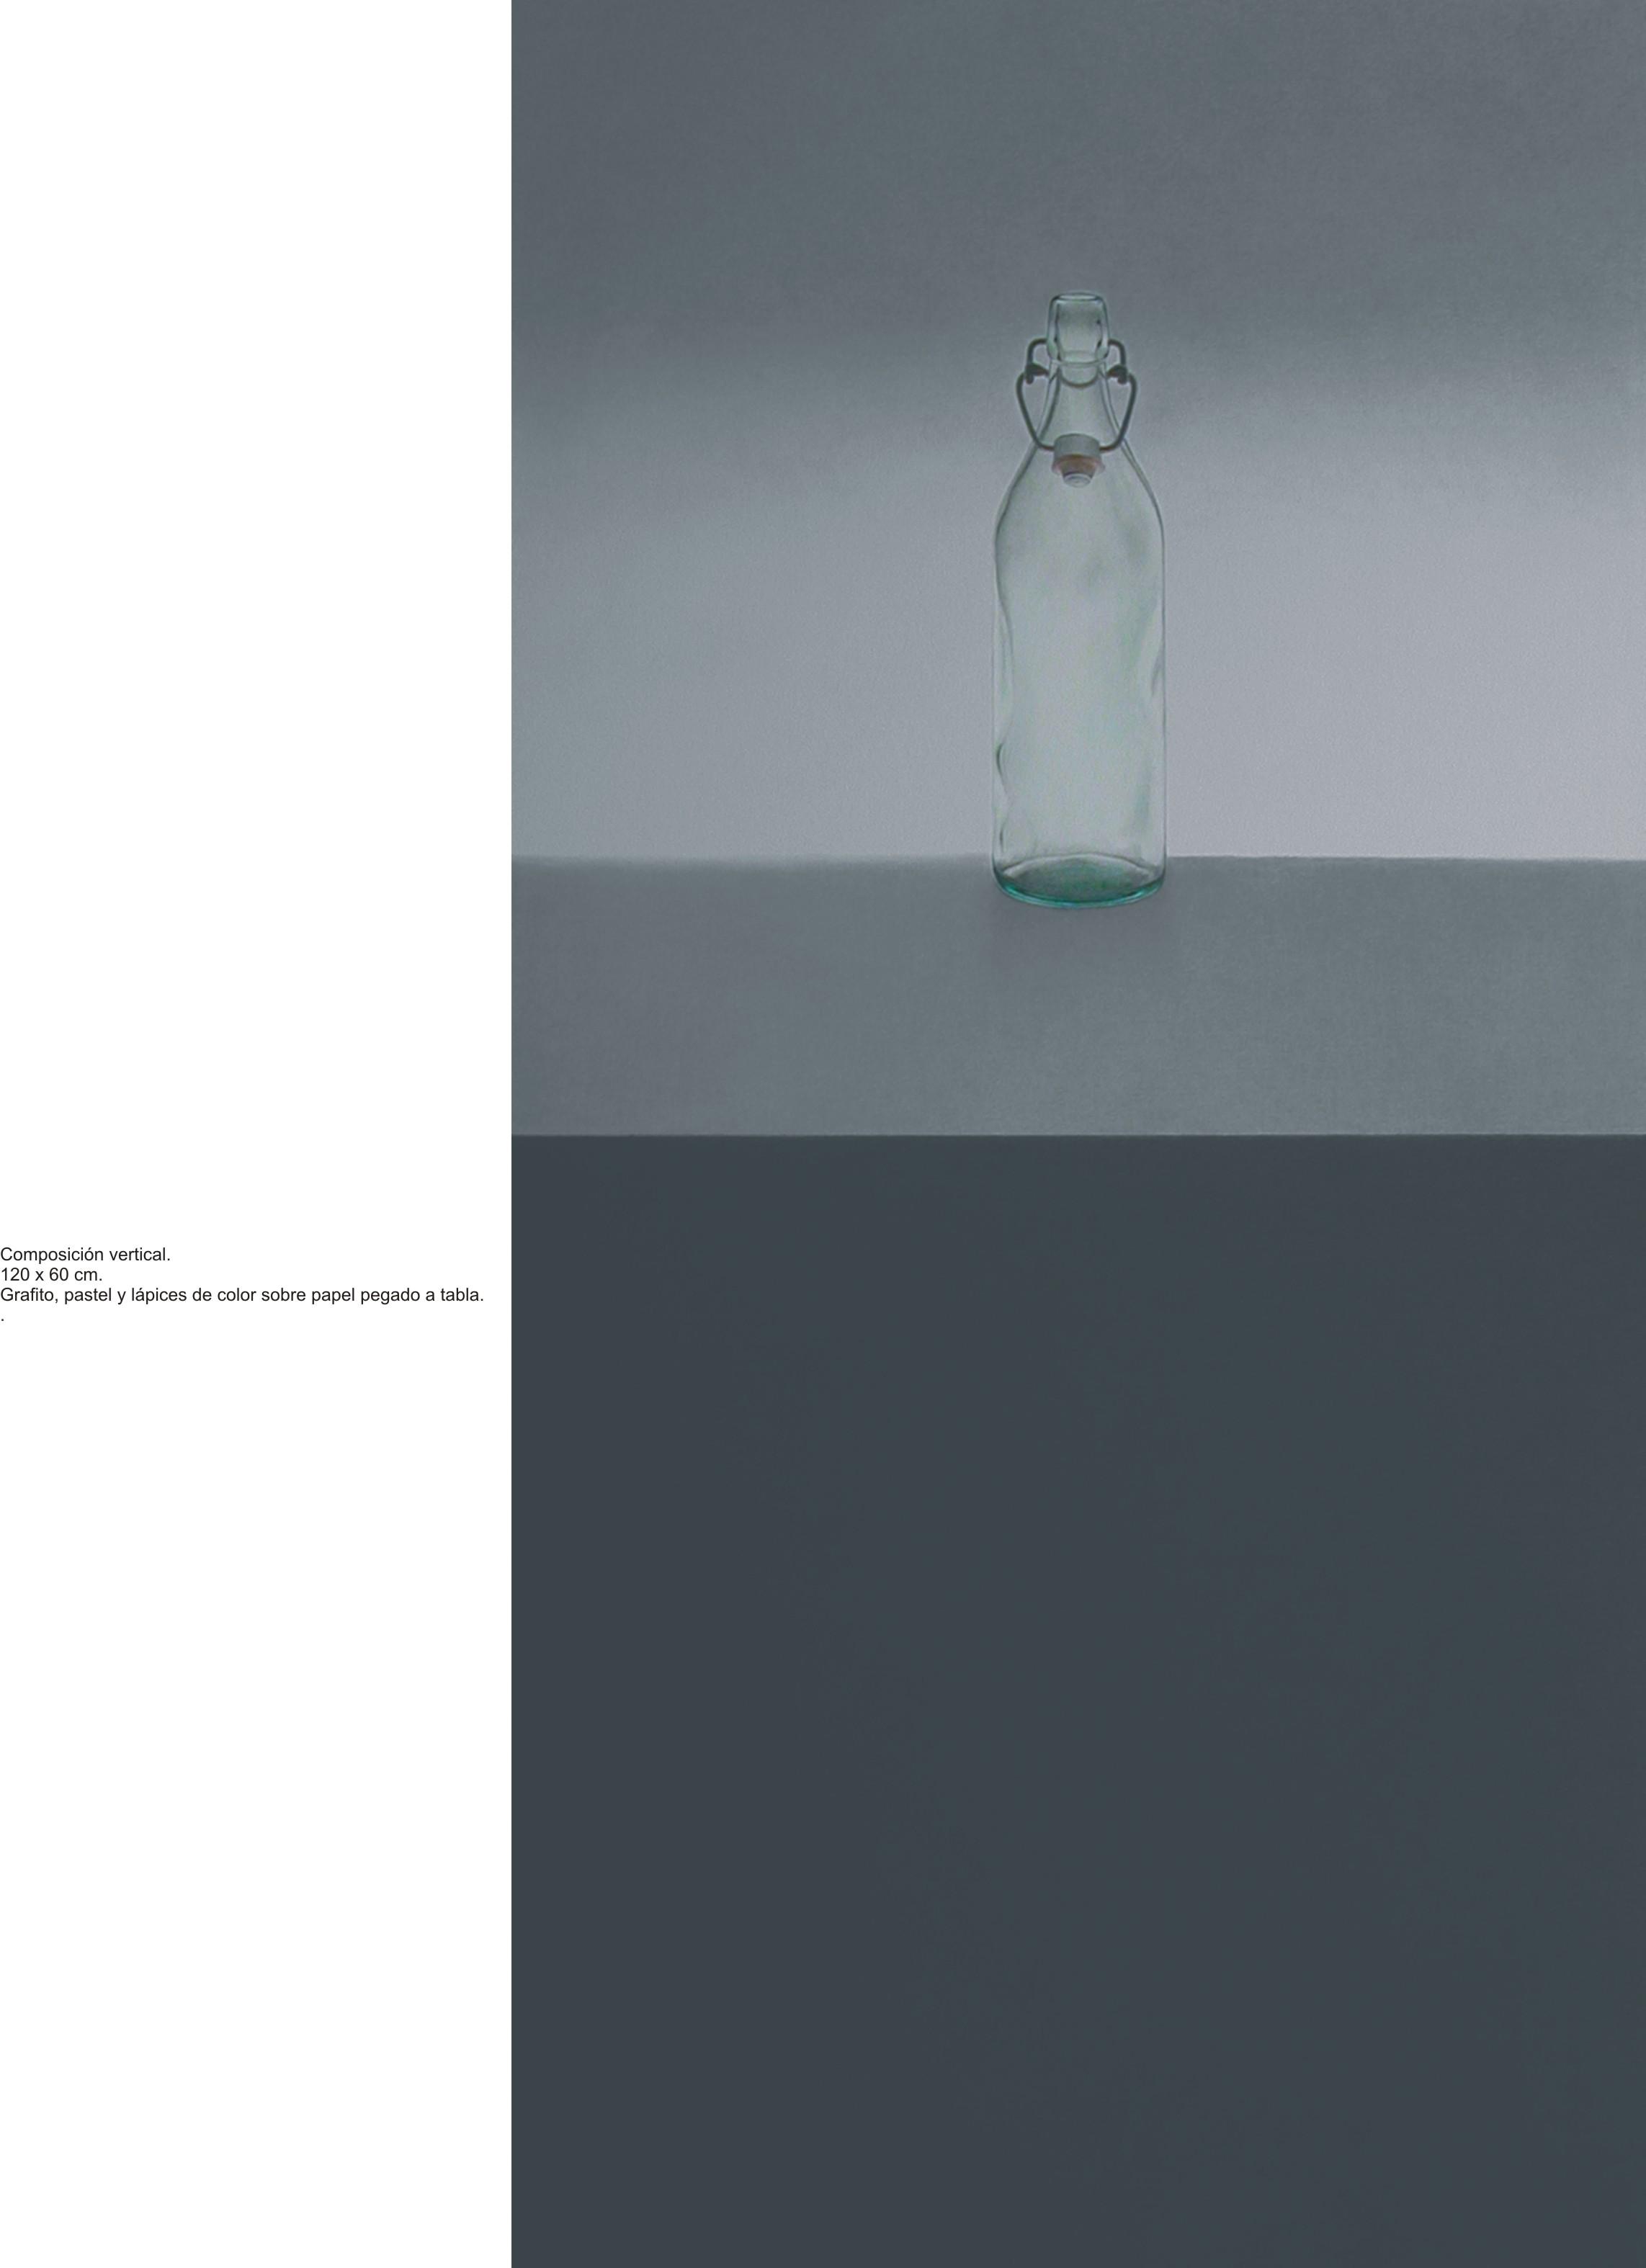 Composición vertical (2006) - Angel Luis Muñoz Durán